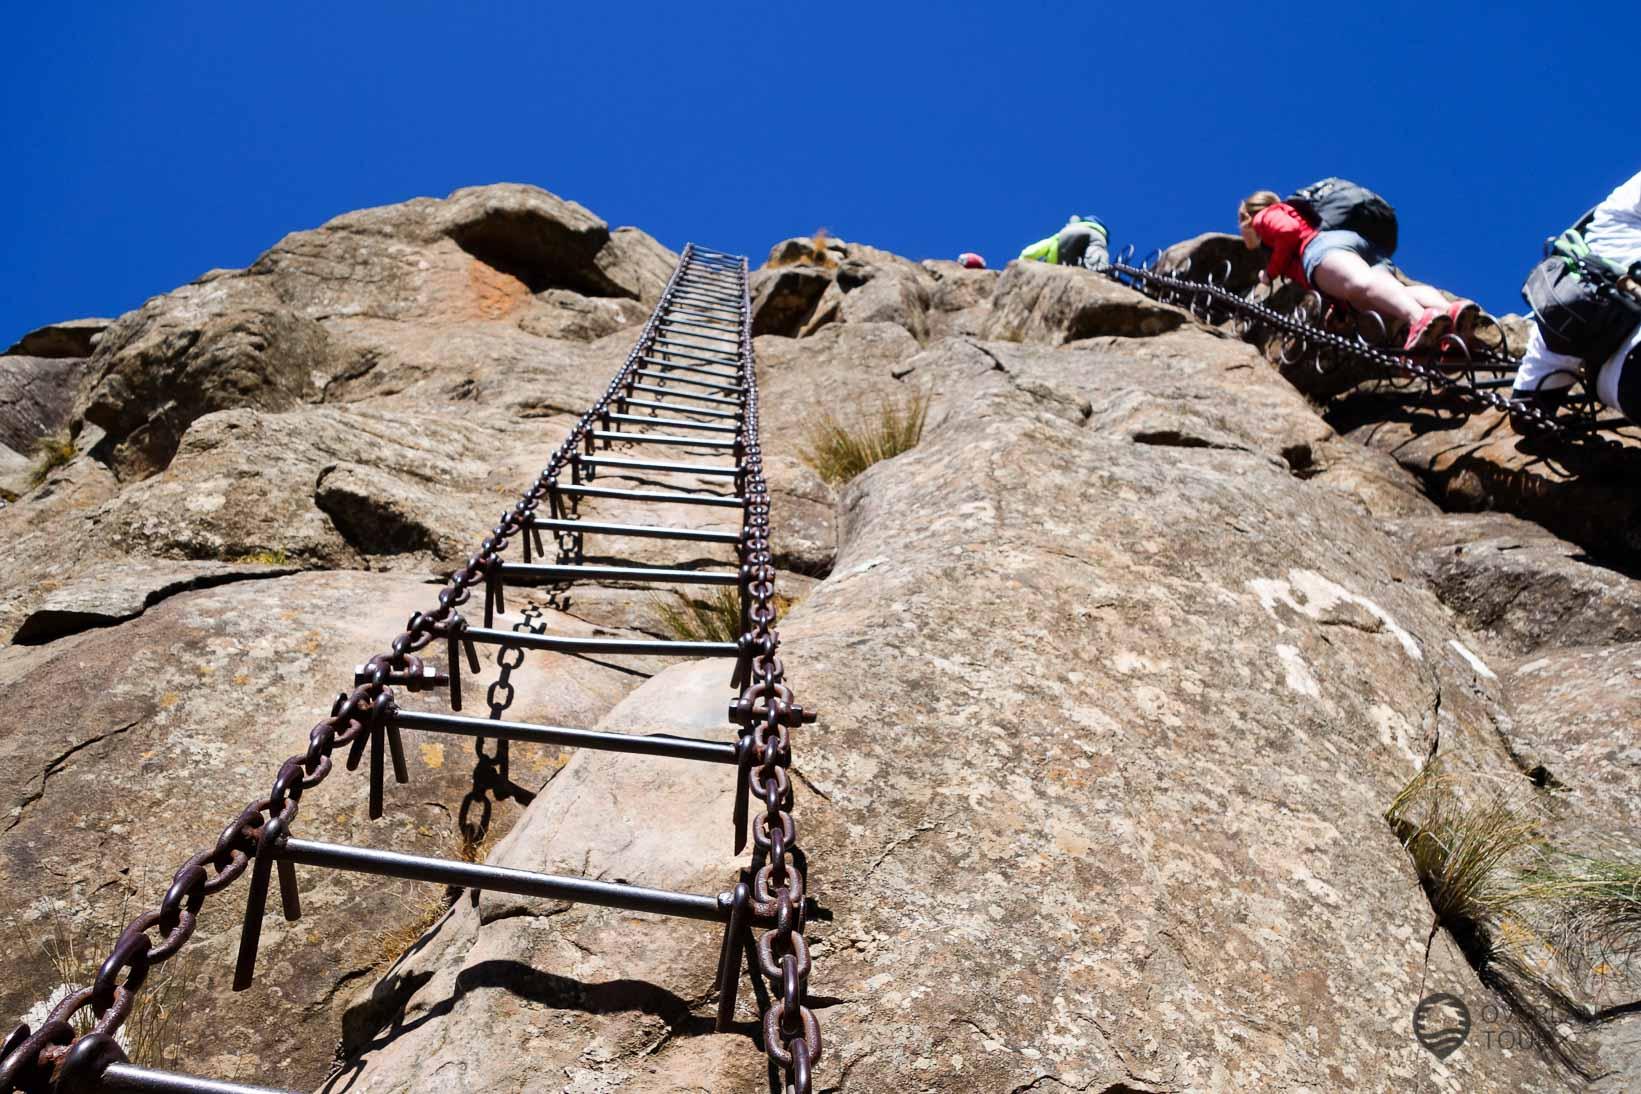 Auf der Spaß-Leiter ist wenig los, aber das macht richtig Spaß an der Wand zu hängen